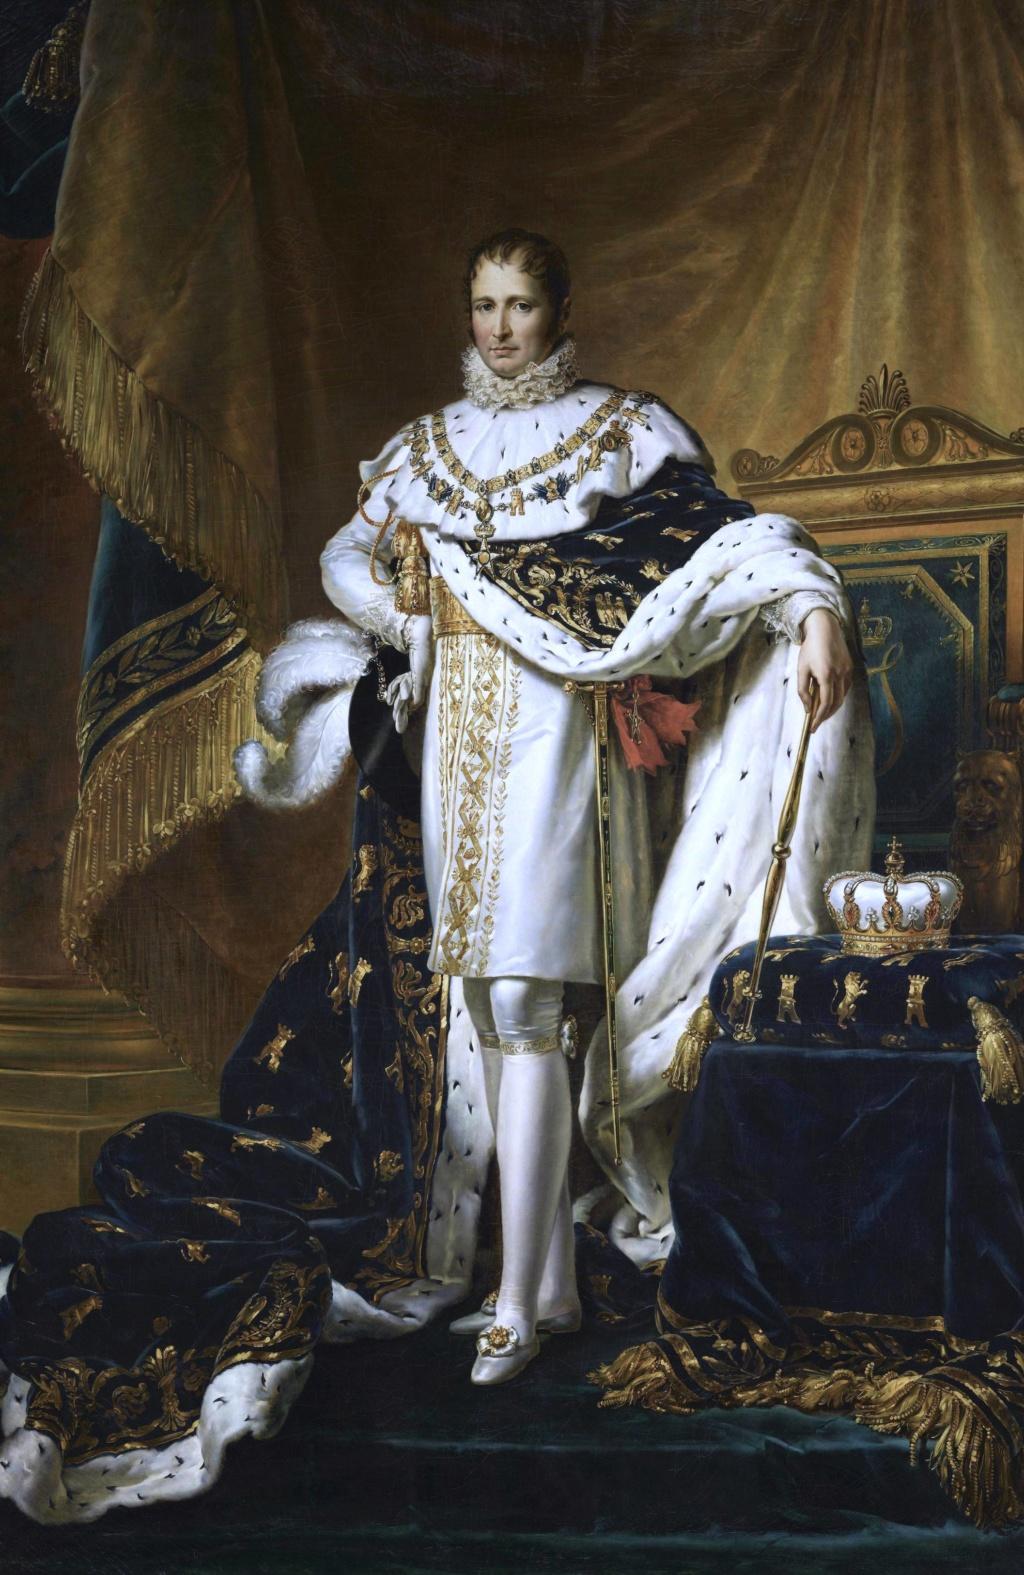 Quatre perles parmi les plus célèbres au monde : La Régente (Perle Napoléon), La Pélégrina, La Pérégrina, La perle de Marie-Antoinette - Page 2 Joseph17